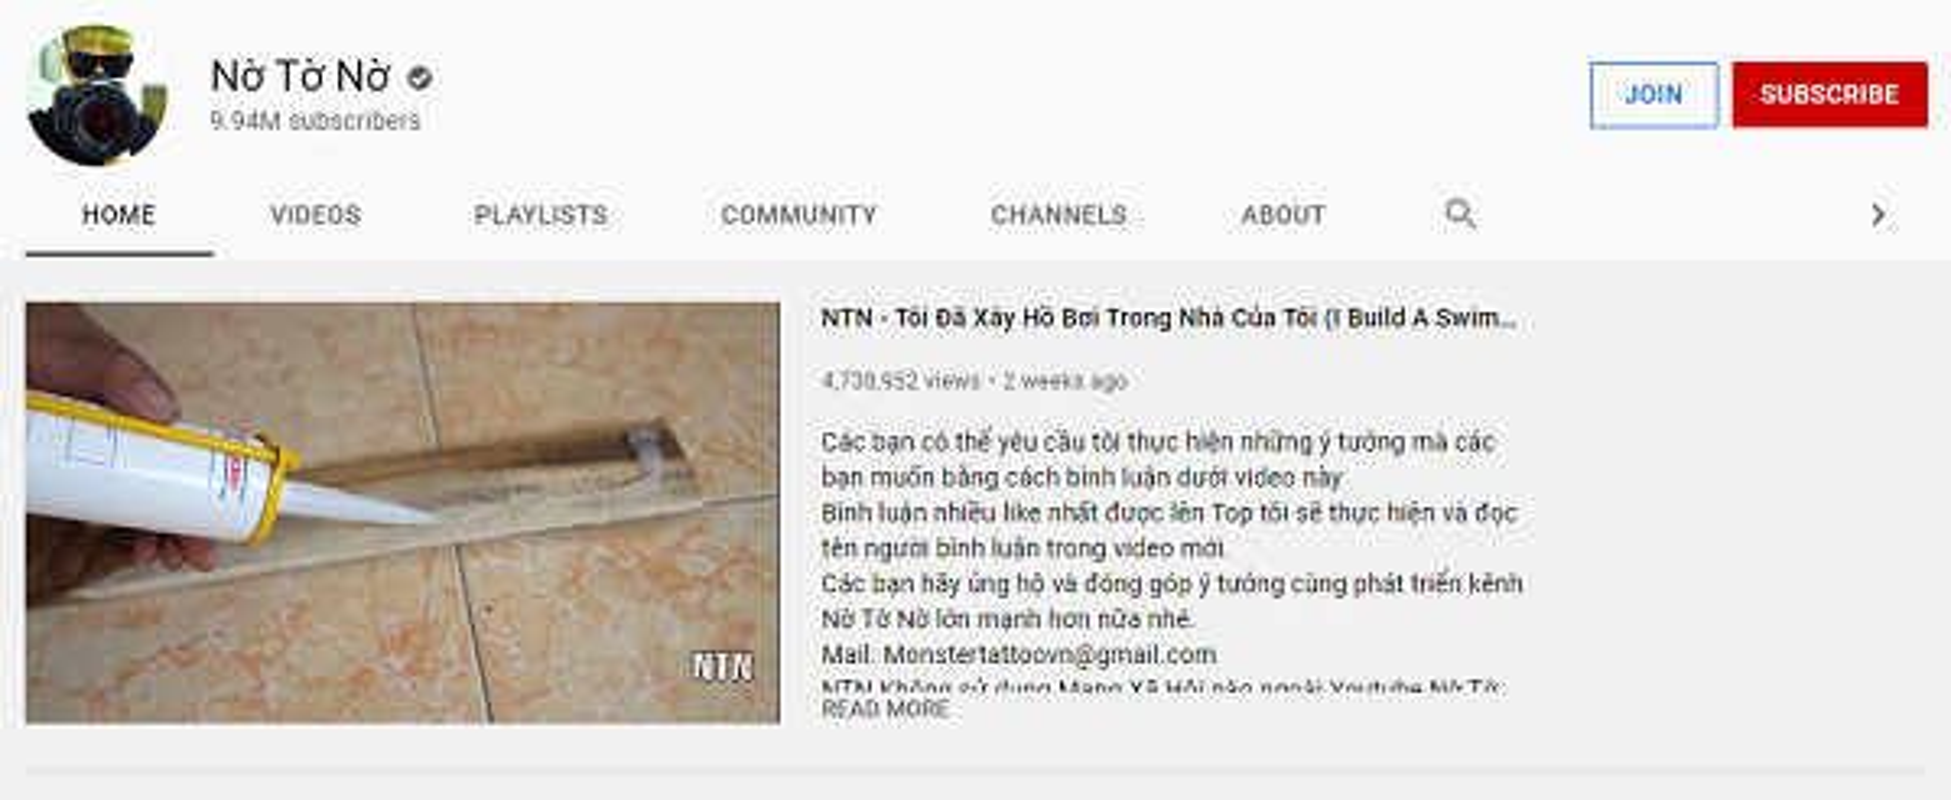 Vi sao Youtuber NTN sap dat nut kim cuong van khien CDM chan ngan?-Hinh-3